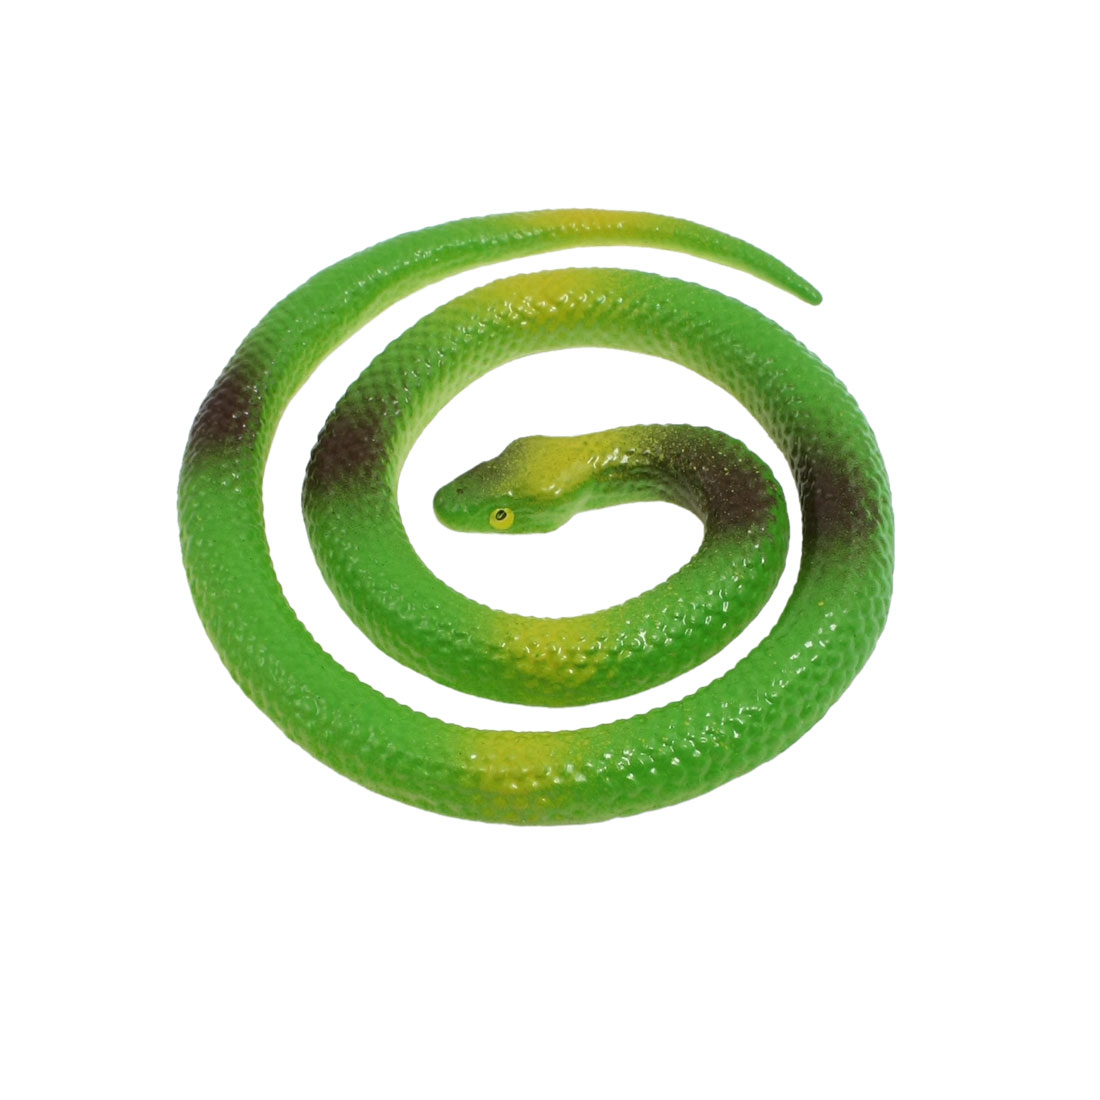 """25.7"""" Long Green Yellow Silicone Fake Animal Snake Trick Toy"""